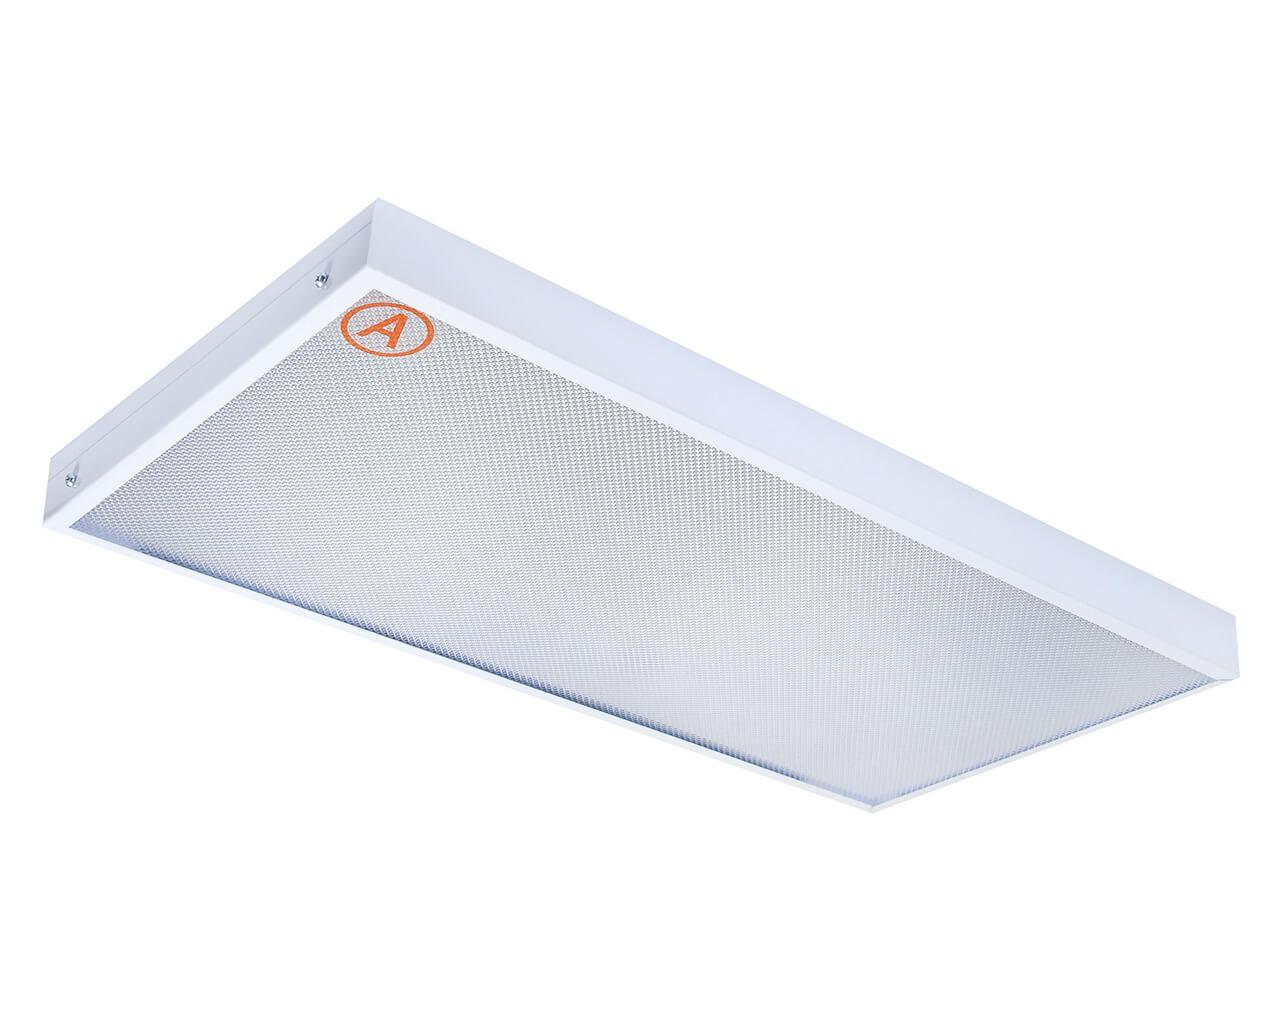 Накладной светильник LC-NSM-40K ватт 595x295 Теплый белый Призма с Бап